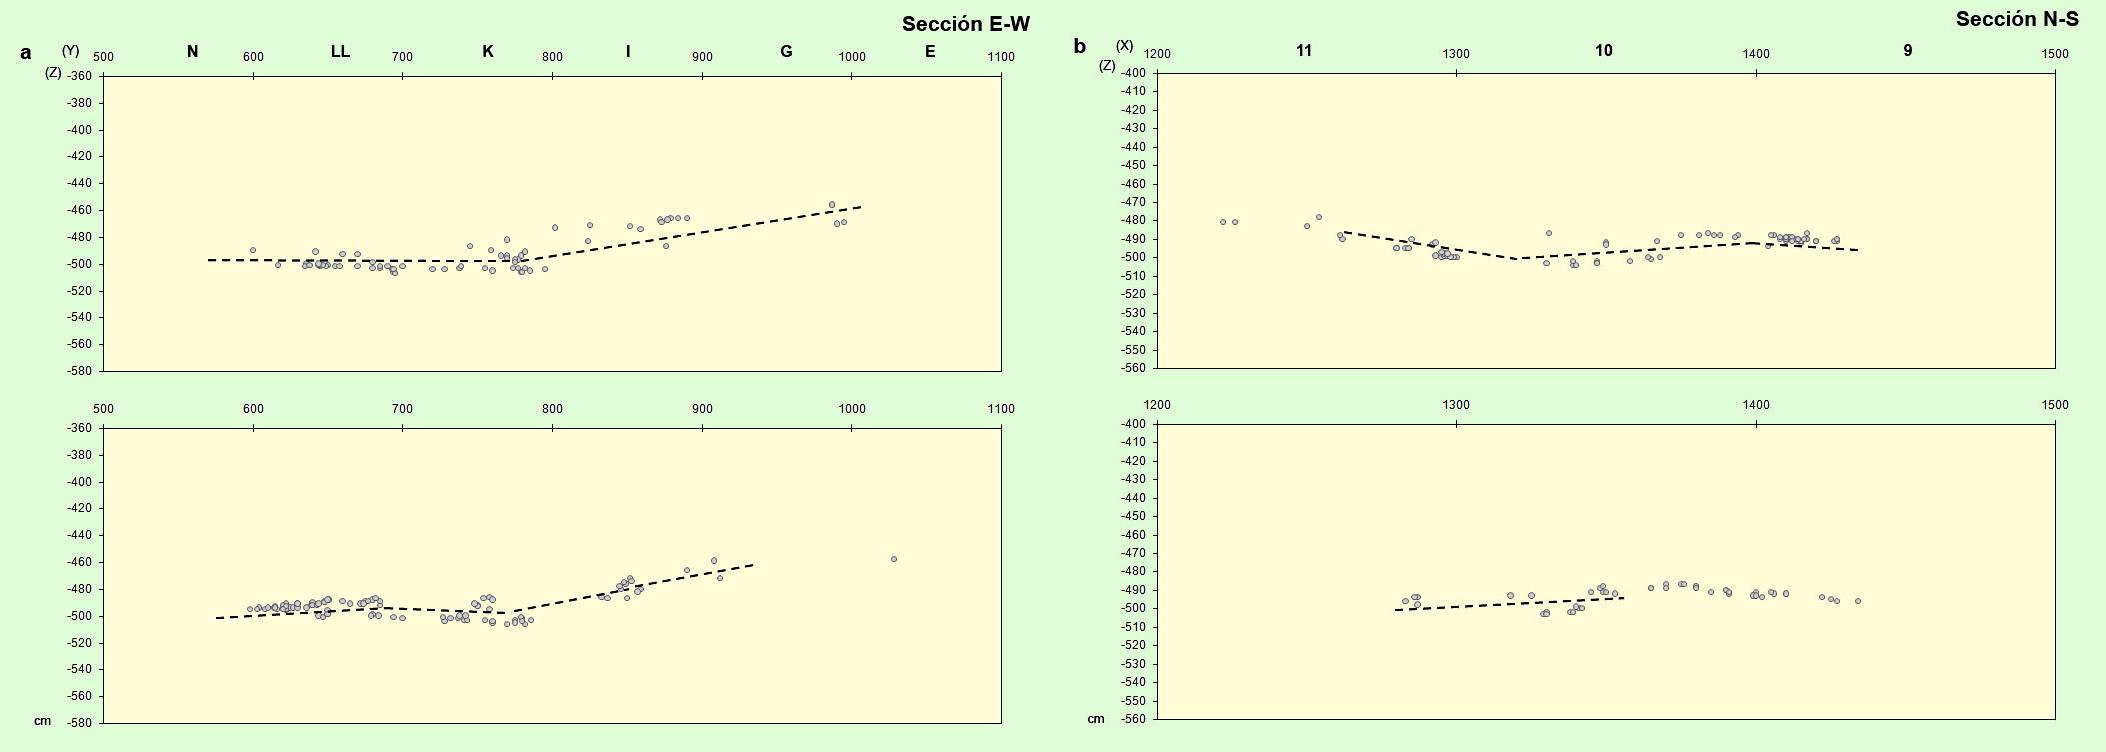 Distribución vertical de los restos faunísticos coordenados del nivel XI: a) sección E-W; b) seccion N-S. Las líneas discontinuas marcan el lecho estéril de separación entre ambas unidades arqueoestratigráficas.